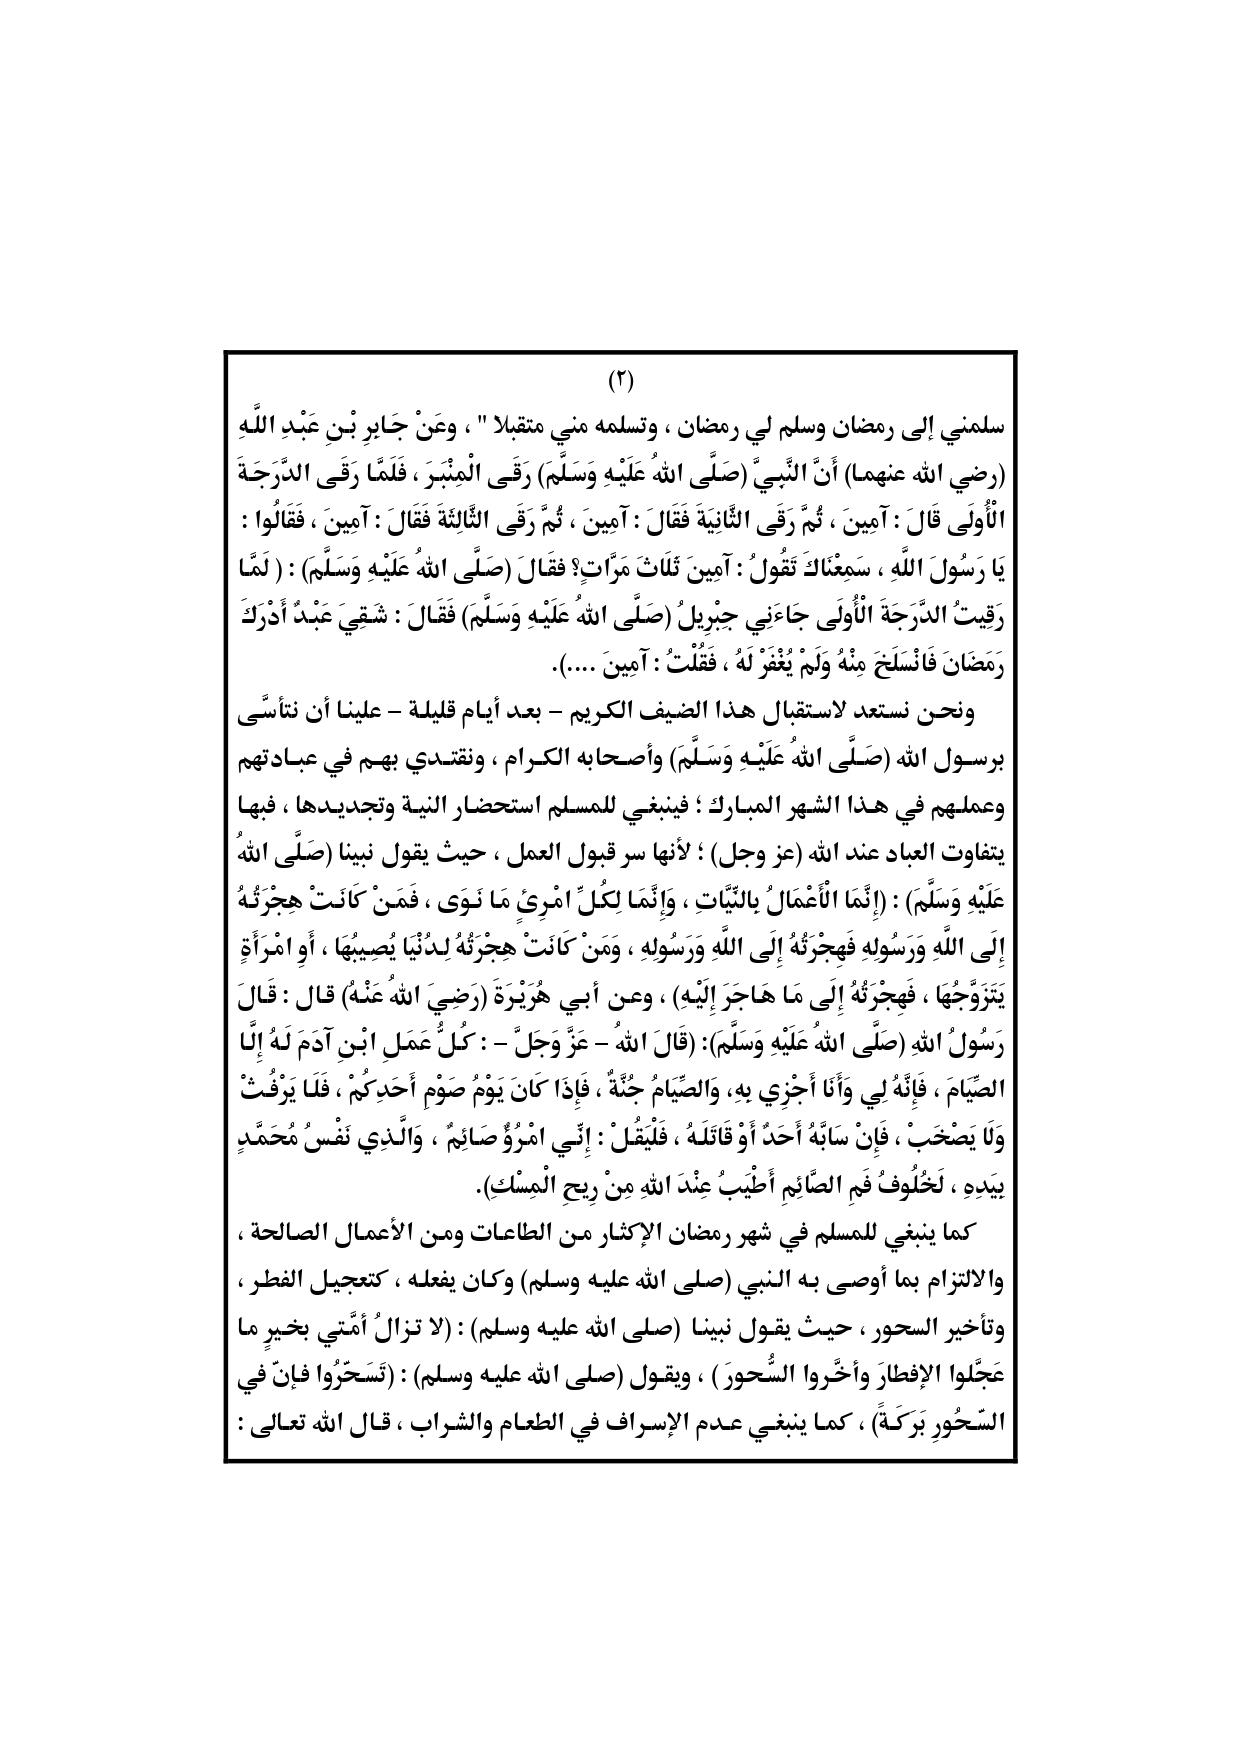 رمضان شهر عبادة وعمل خطبة الجمعة القادمة Pdf لوزراة الأوقاف صوت الدعاة أفضل موقع عربي في خطبة الجمعة والأخبار المهمة